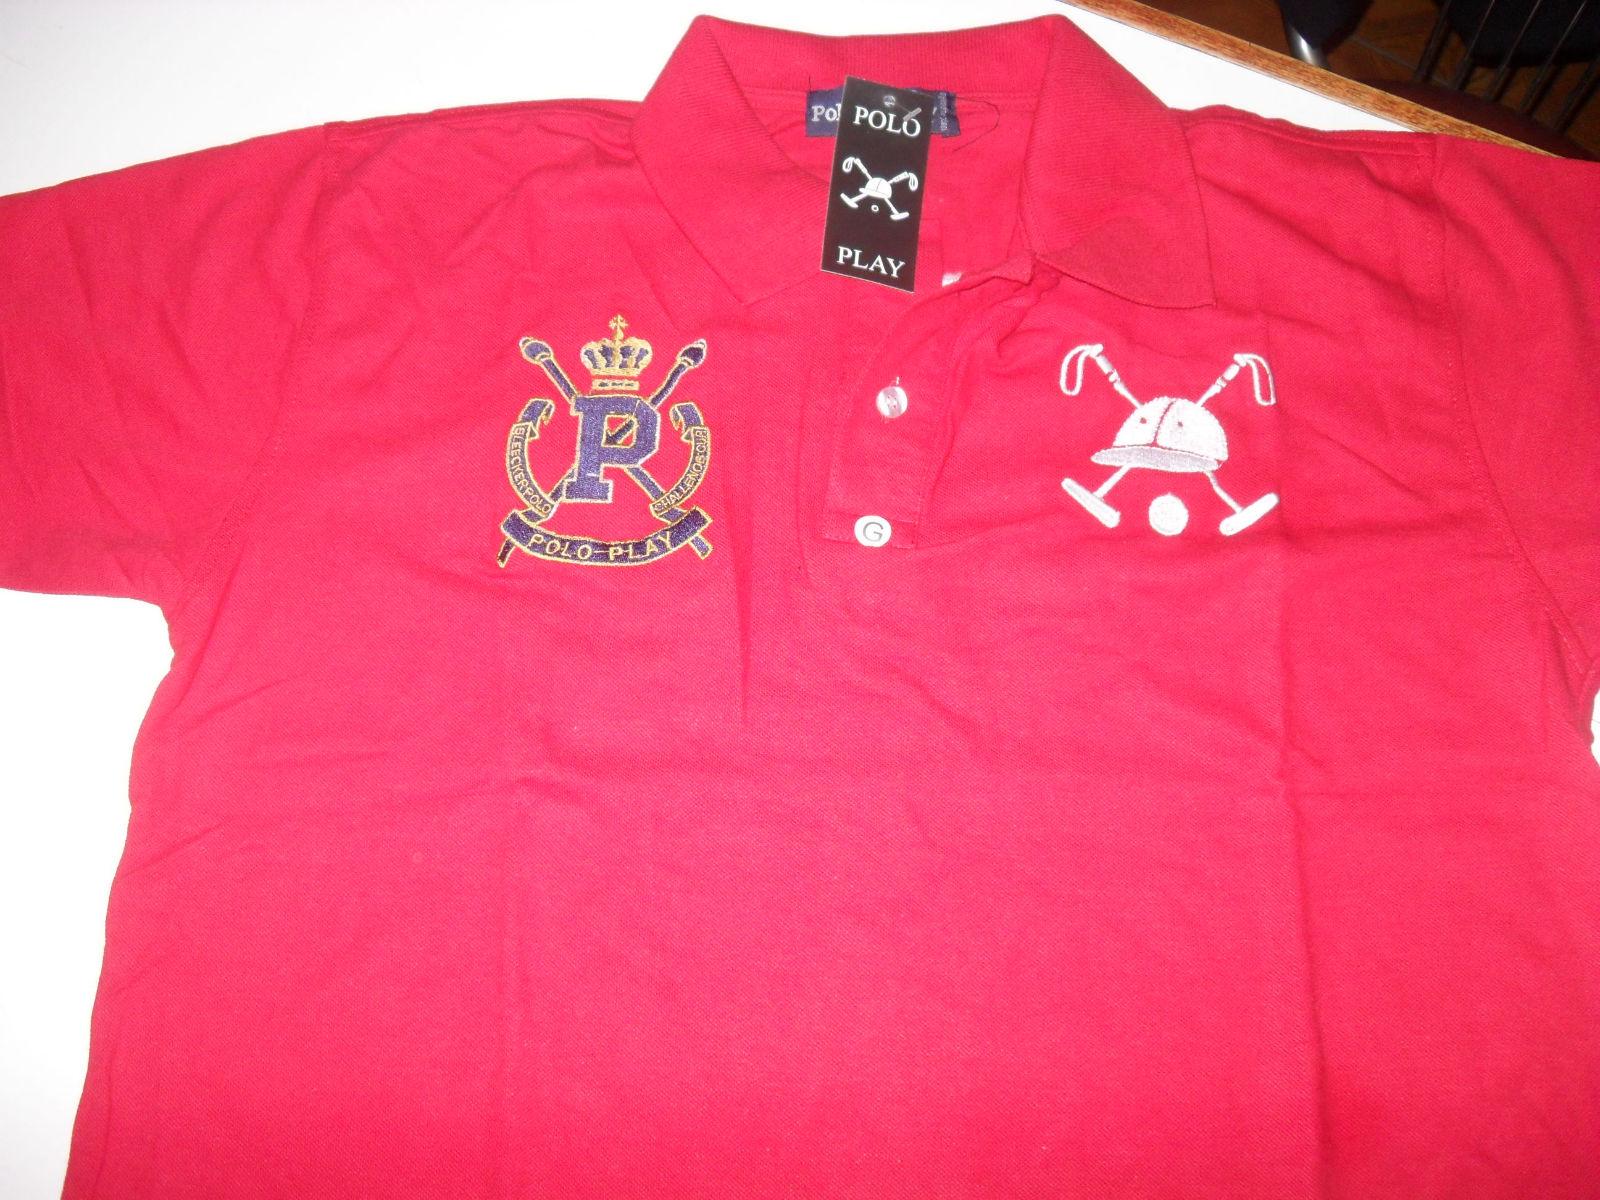 4eaf0bb45358b camiseta polo POLO PLAY - VERMELHA